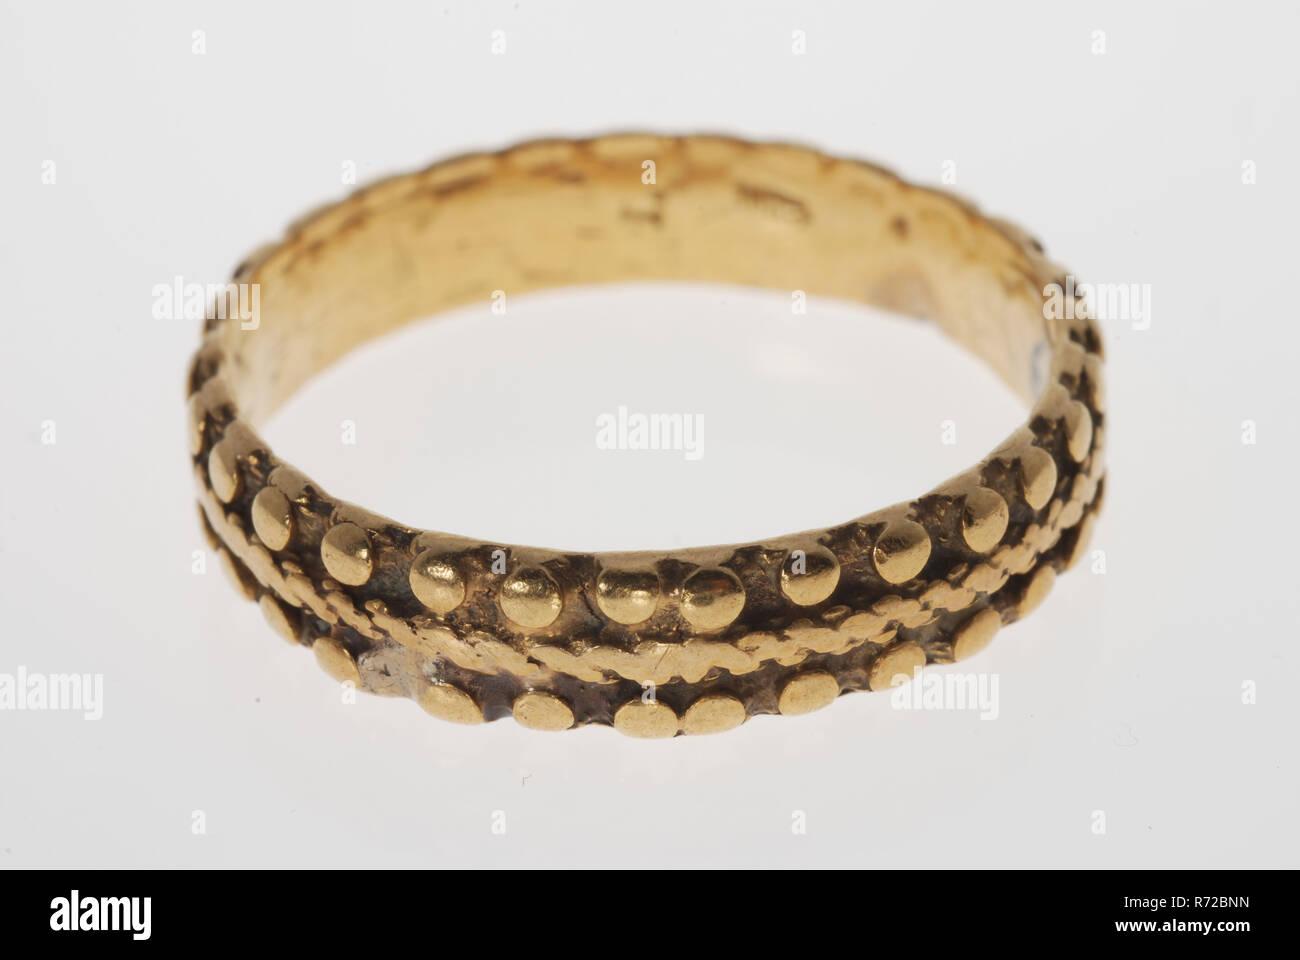 Goldsmith Hubertus Jongeneel Gold Wedding Ring Wedding Band Ring